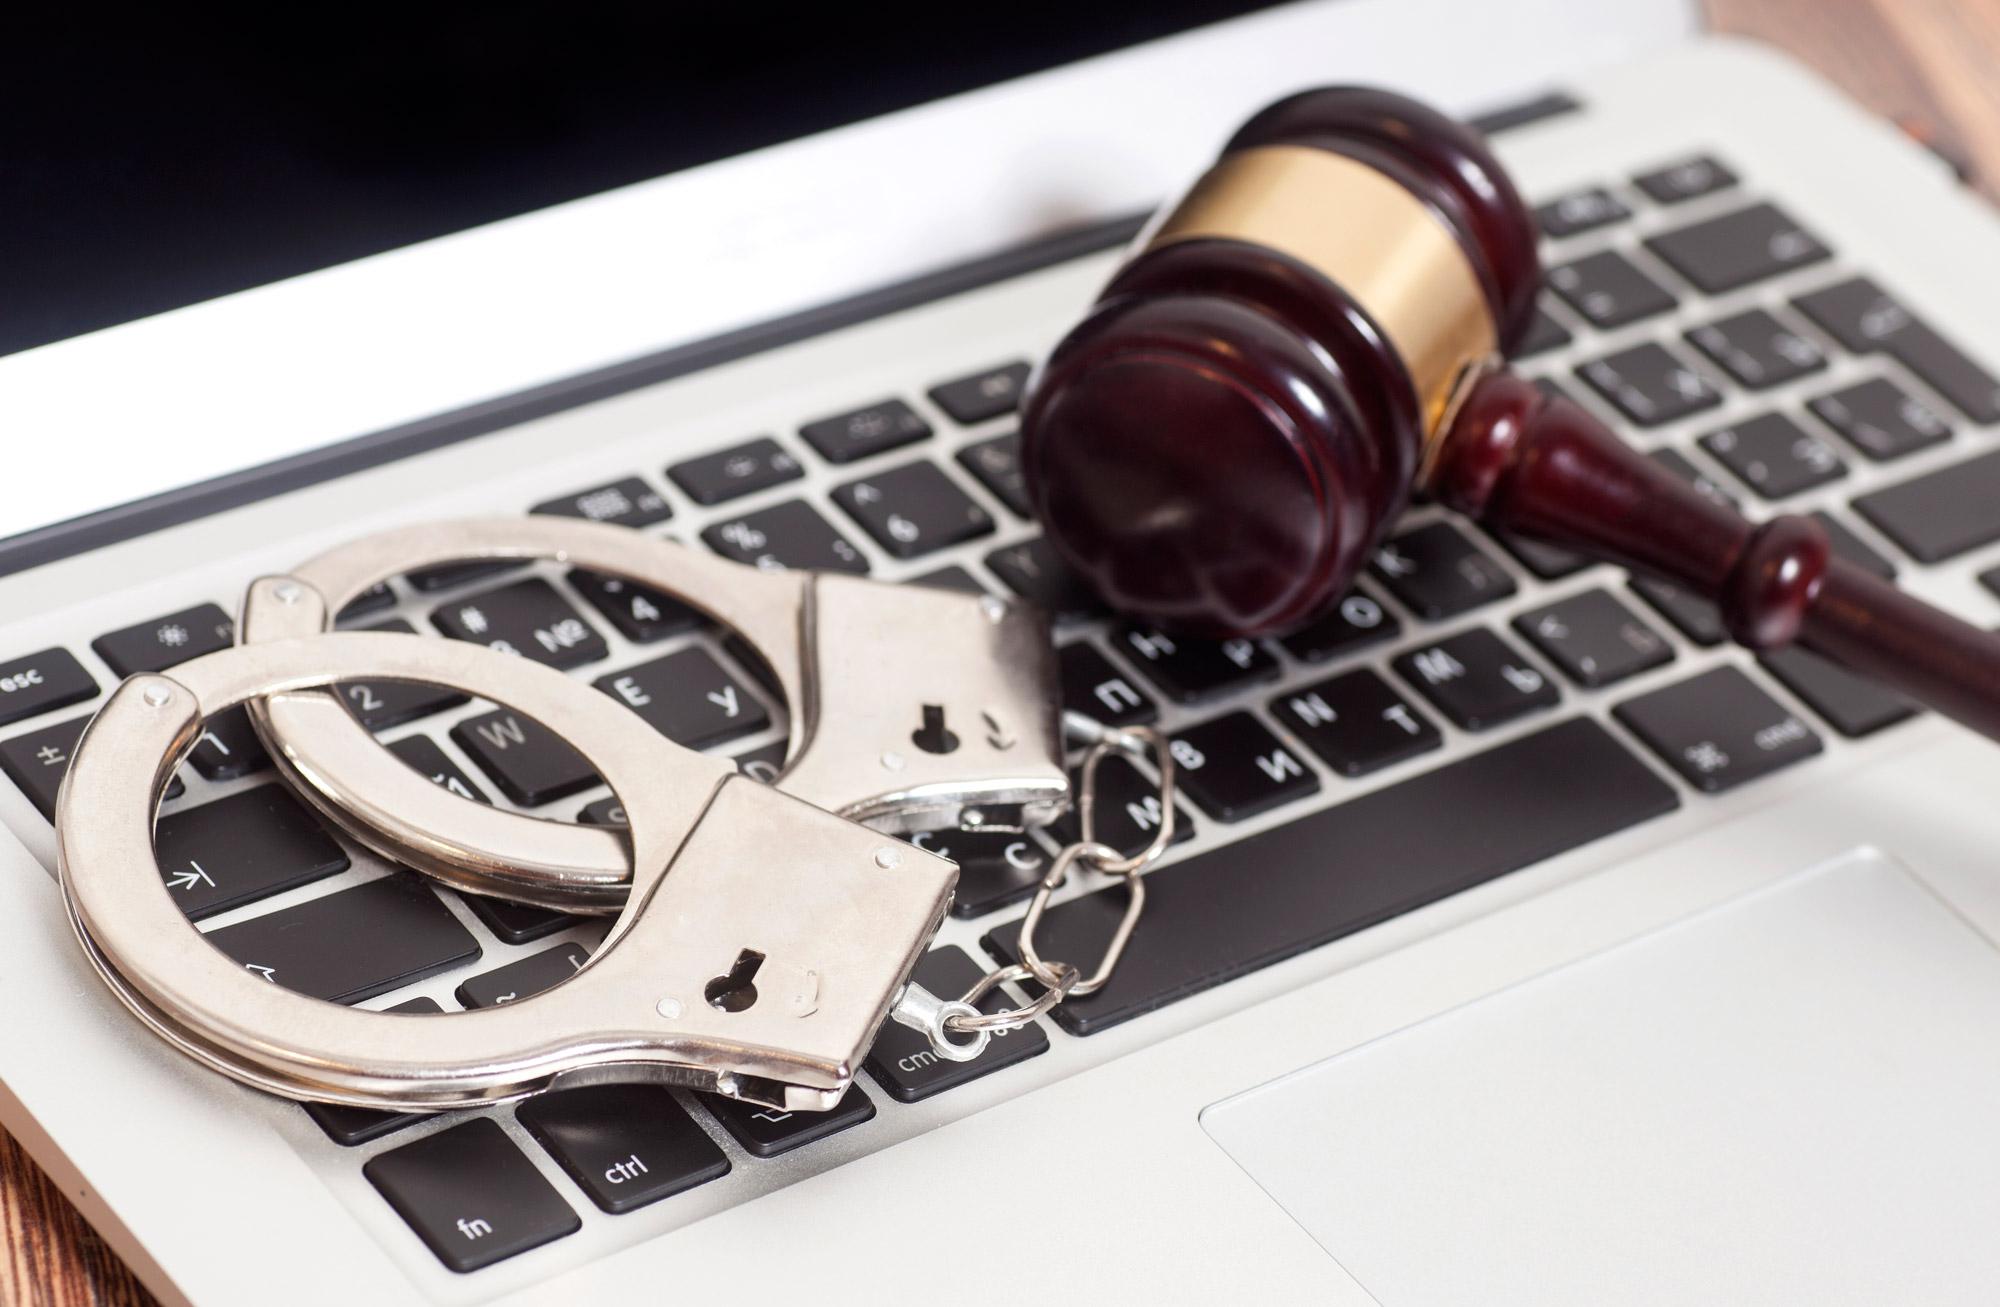 AYM kararını verdi: Sosyal medyada görüş paylaşmak ifade özgürlüğü